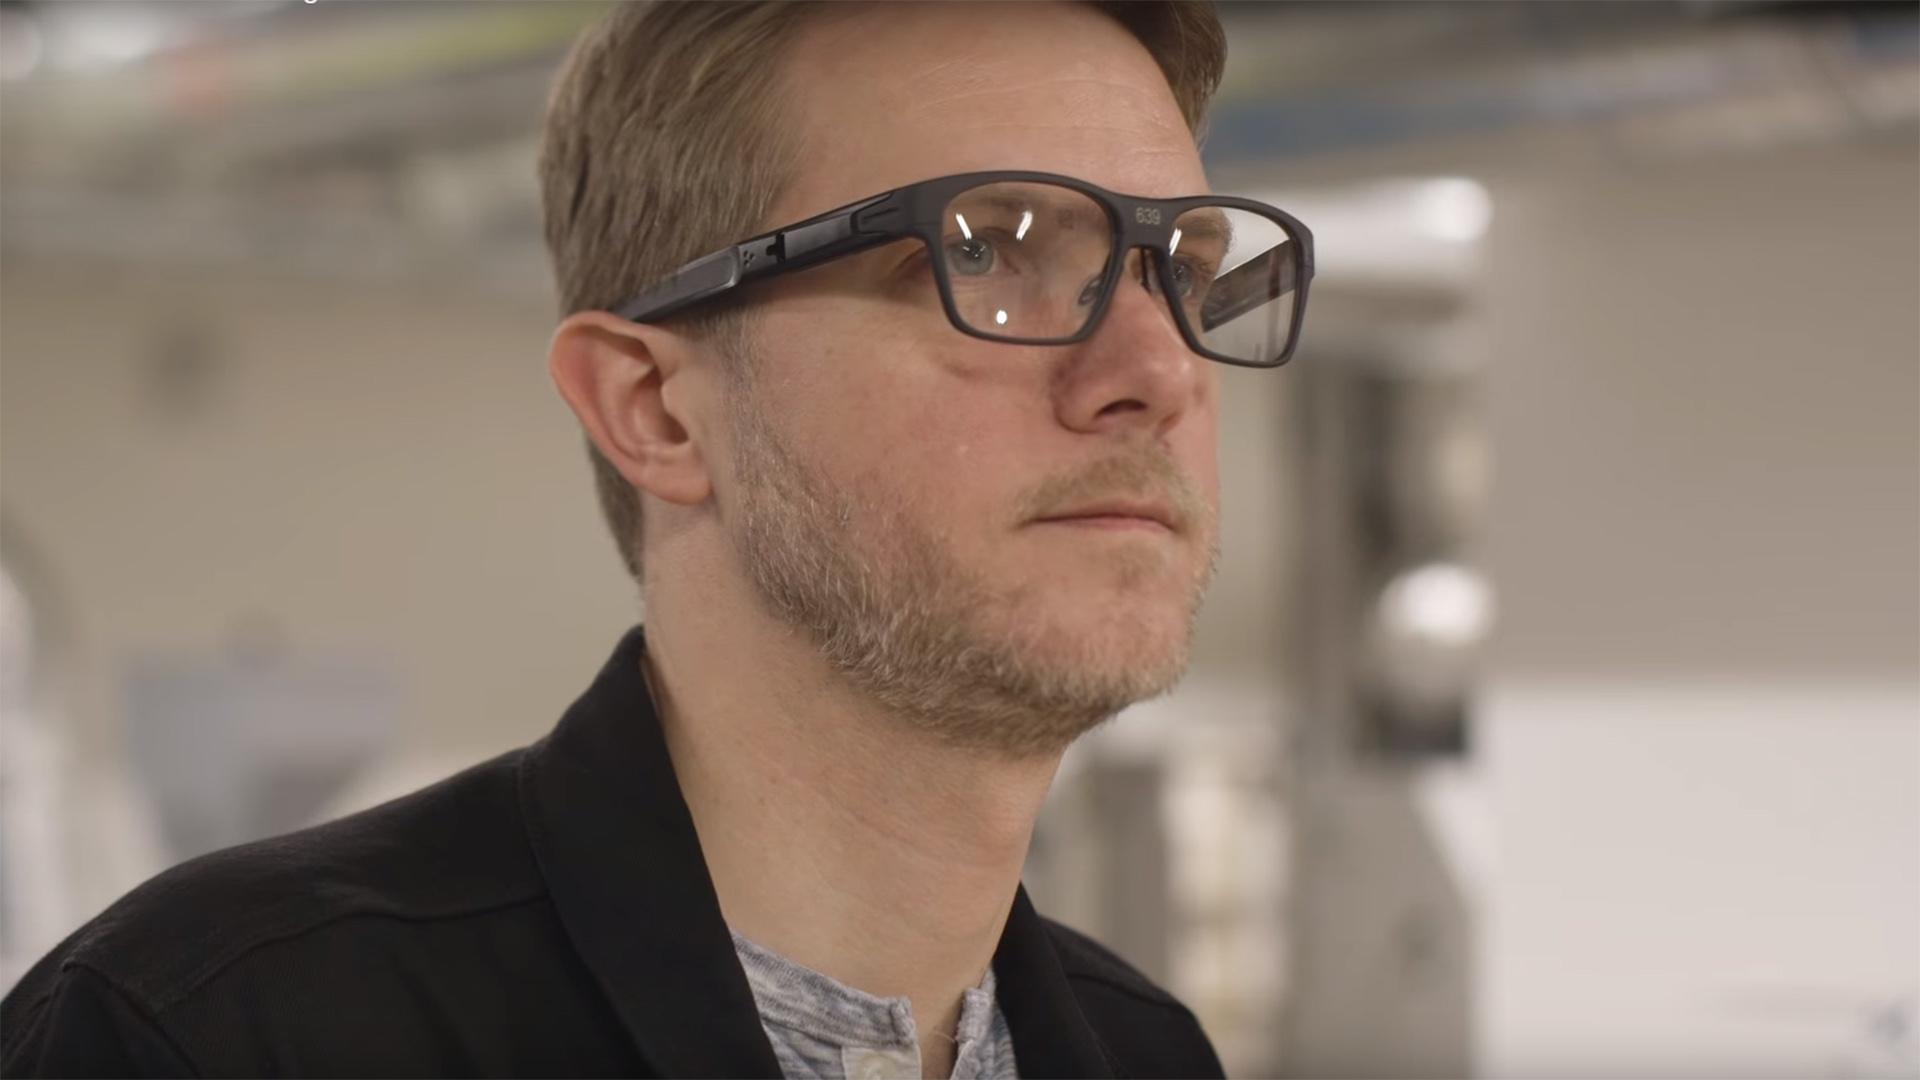 Las gafas cuentan con una cámara integrada que toma fotos y analiza información, puede dar detalles de animales, entornos, personas, ayudar a leer textos y traducirlos de inglés a español